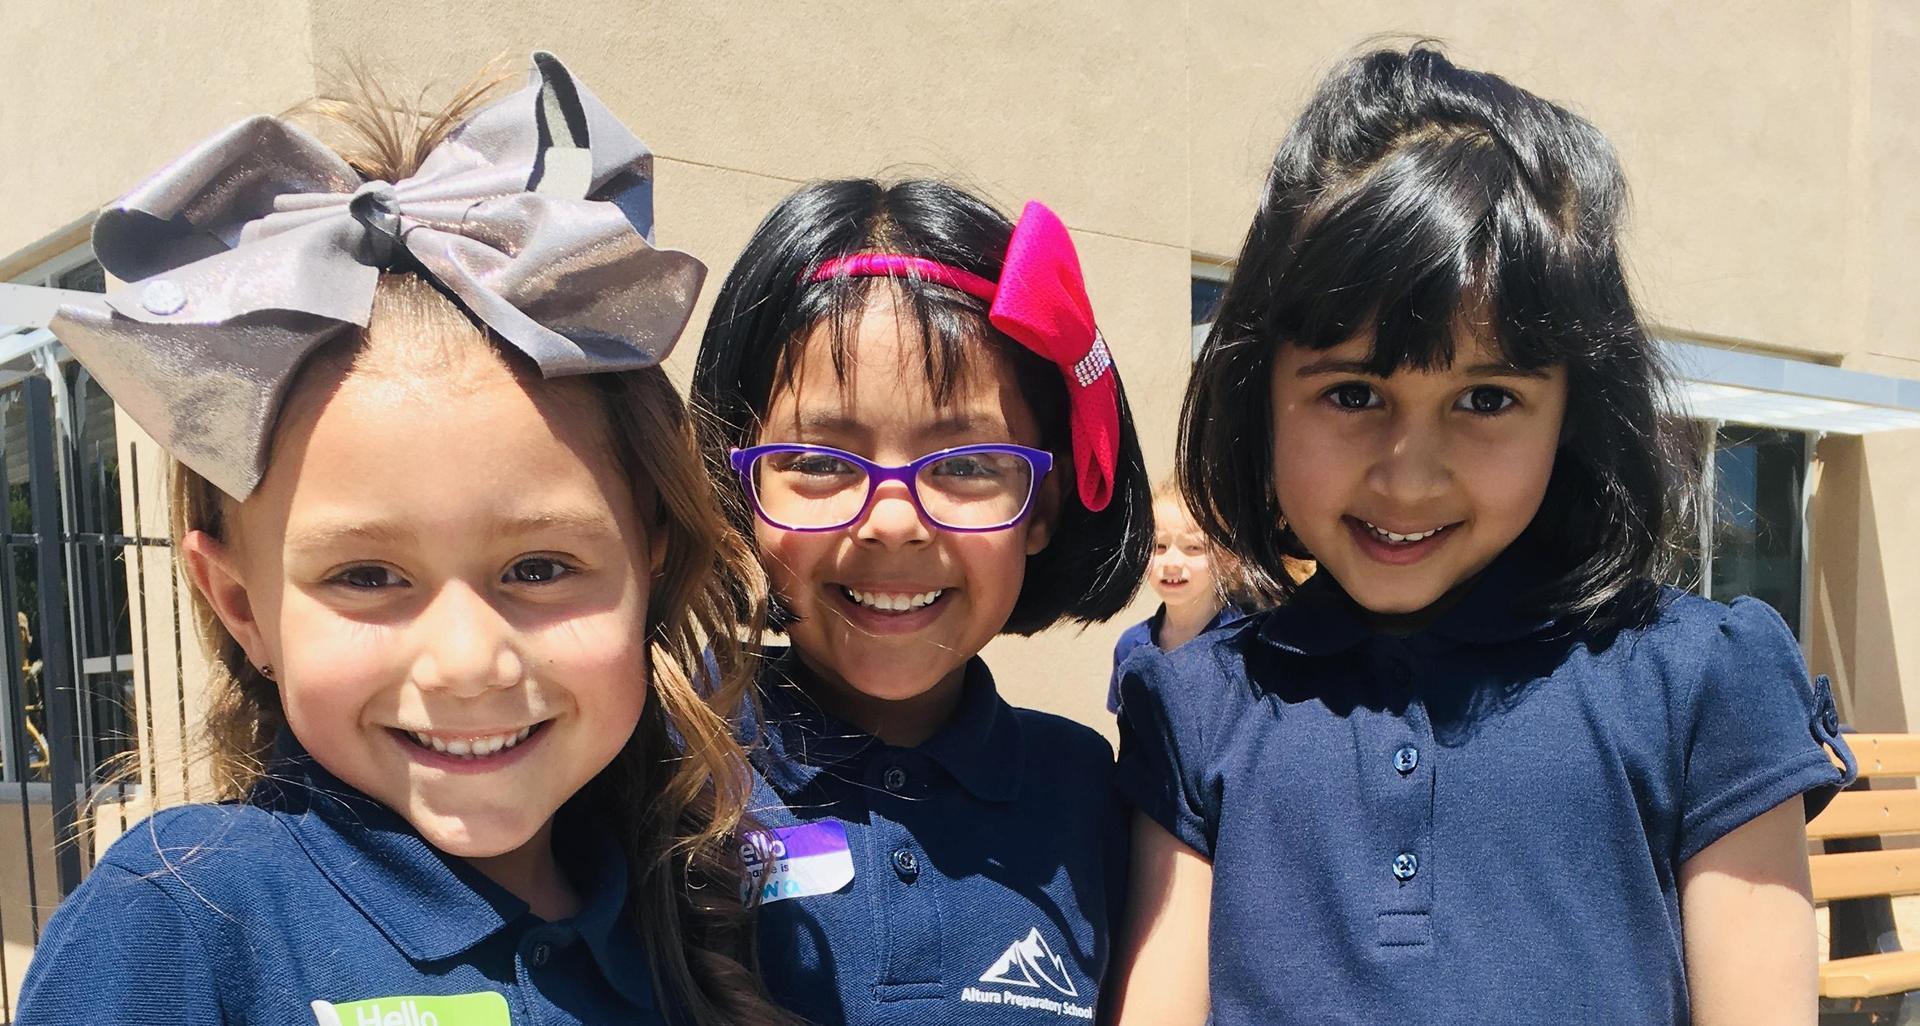 3 girls enjoy recess.